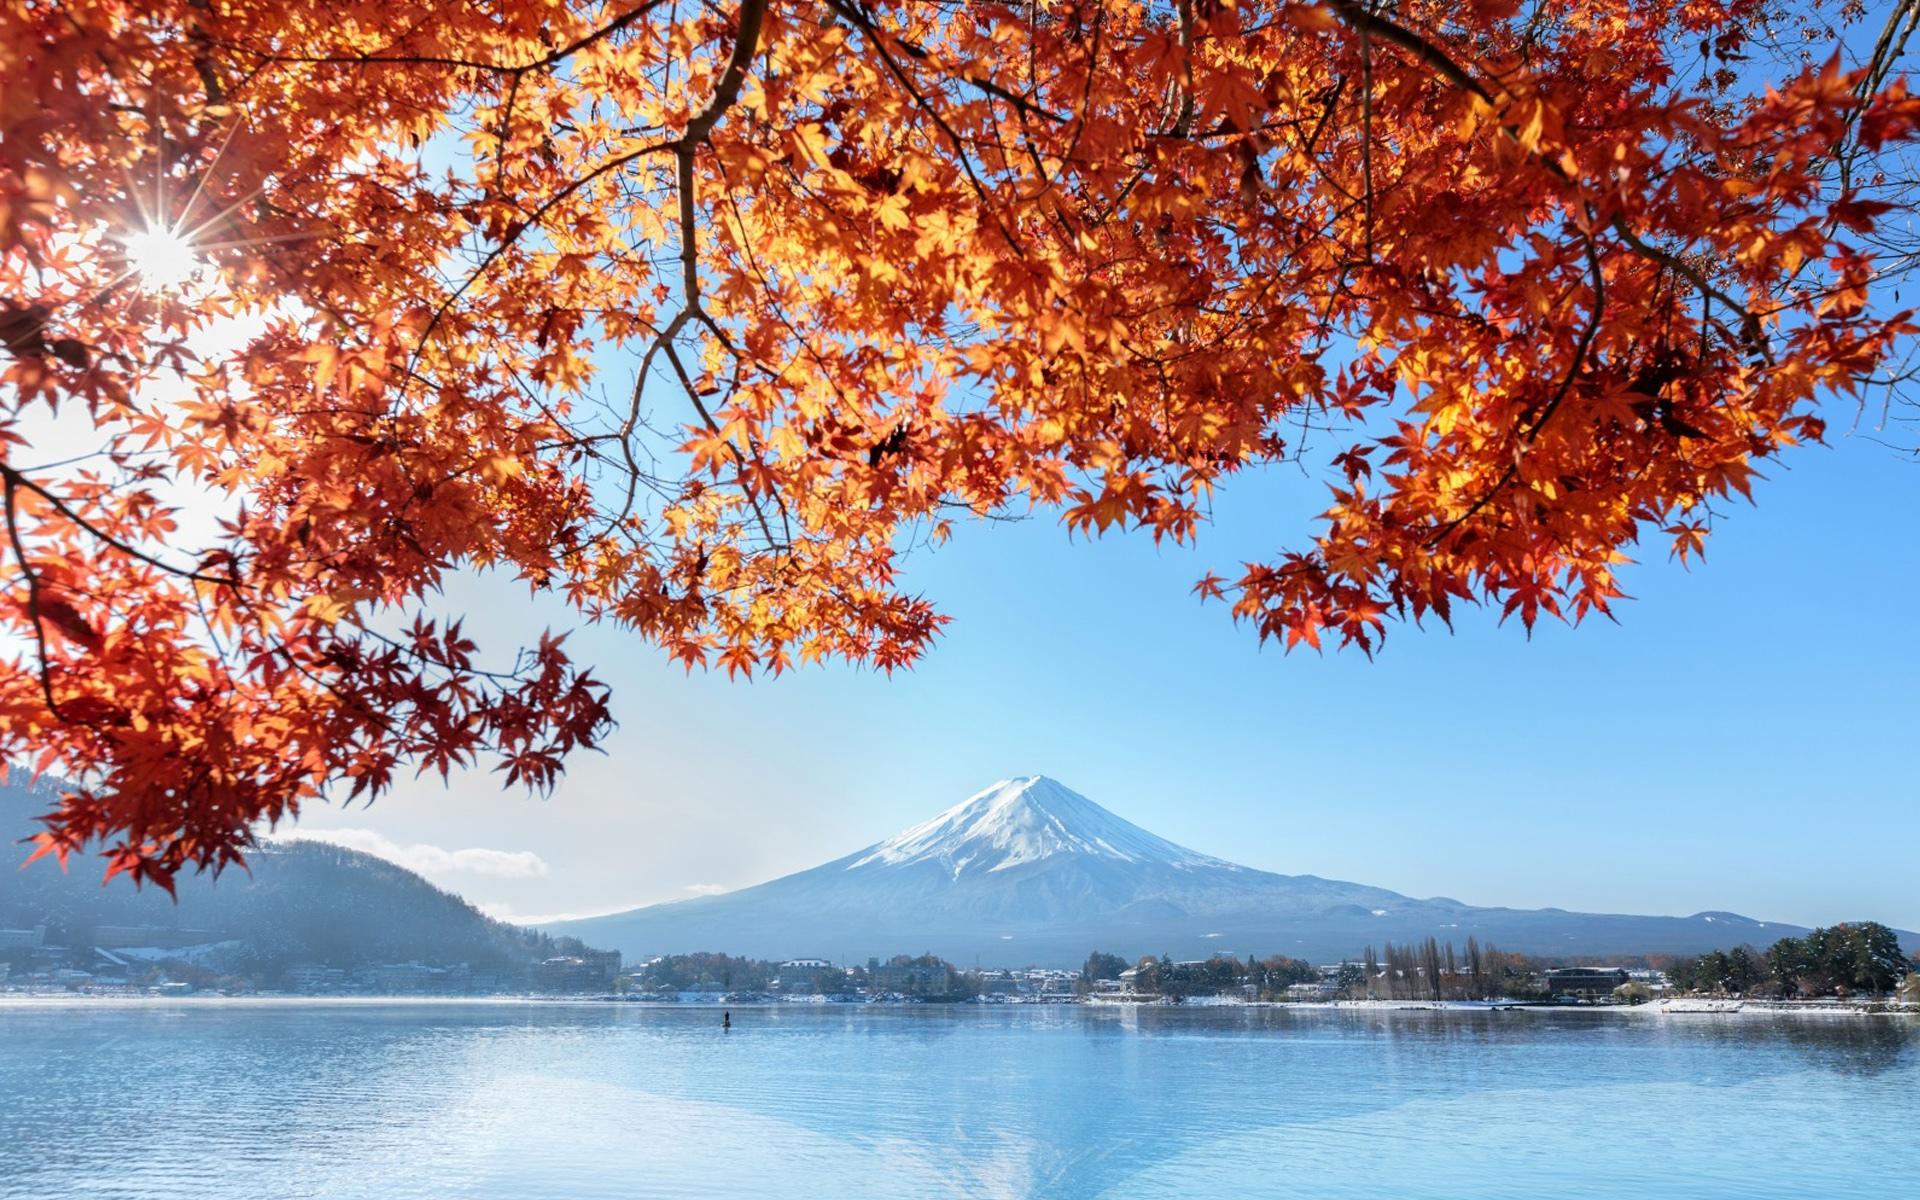 日本风景_风光摄影:日本富士山秋天风景,红枫和雪山景色太美